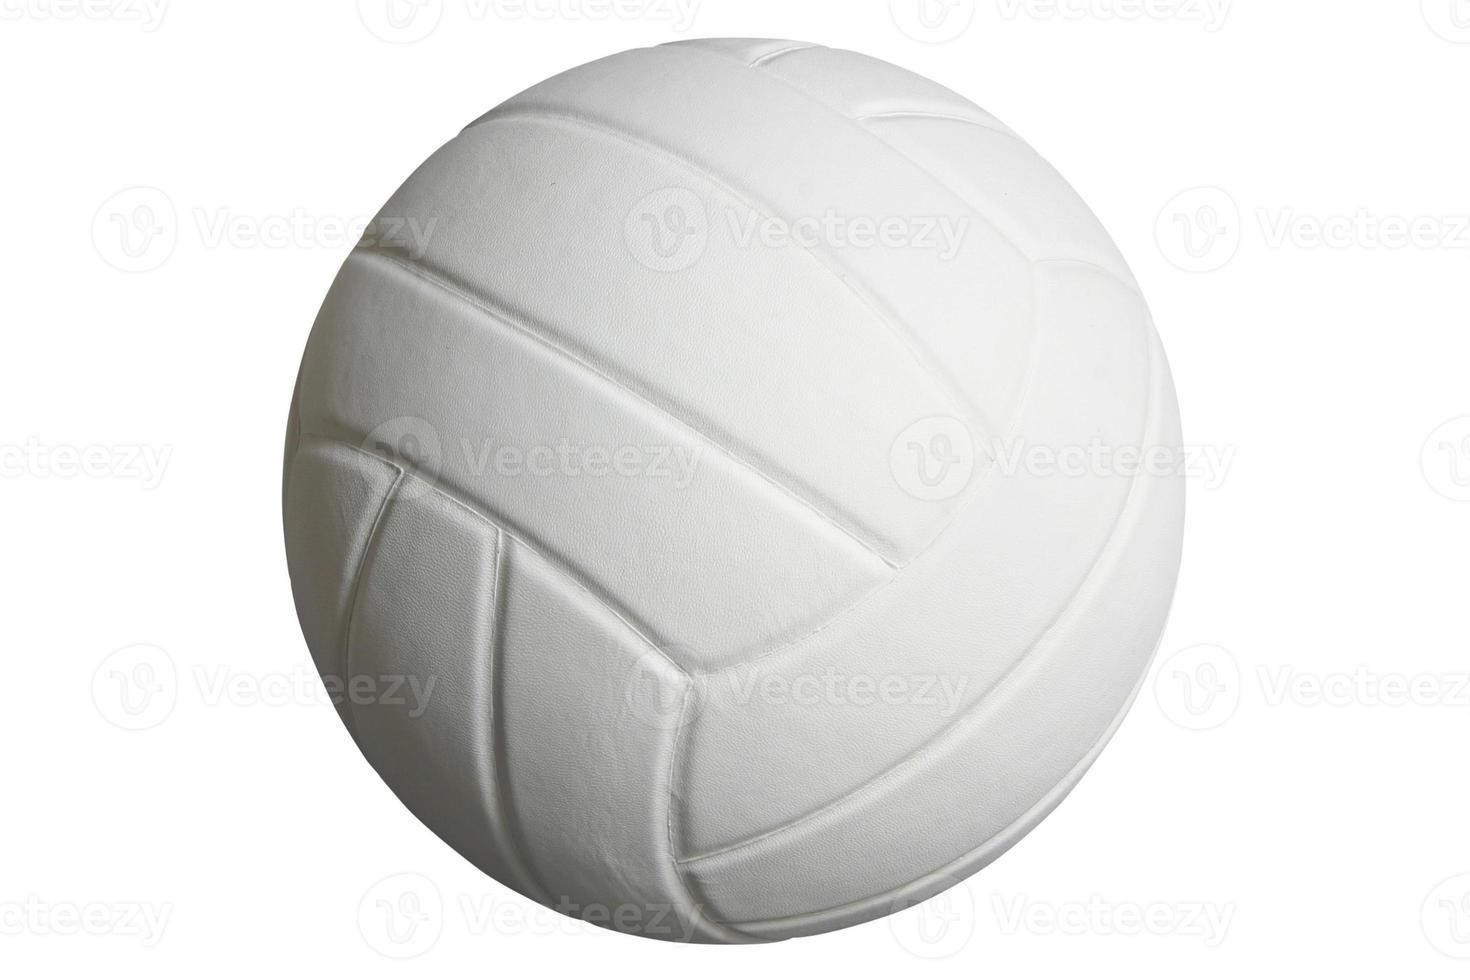 voleibol isolado no branco com traçado de recorte foto